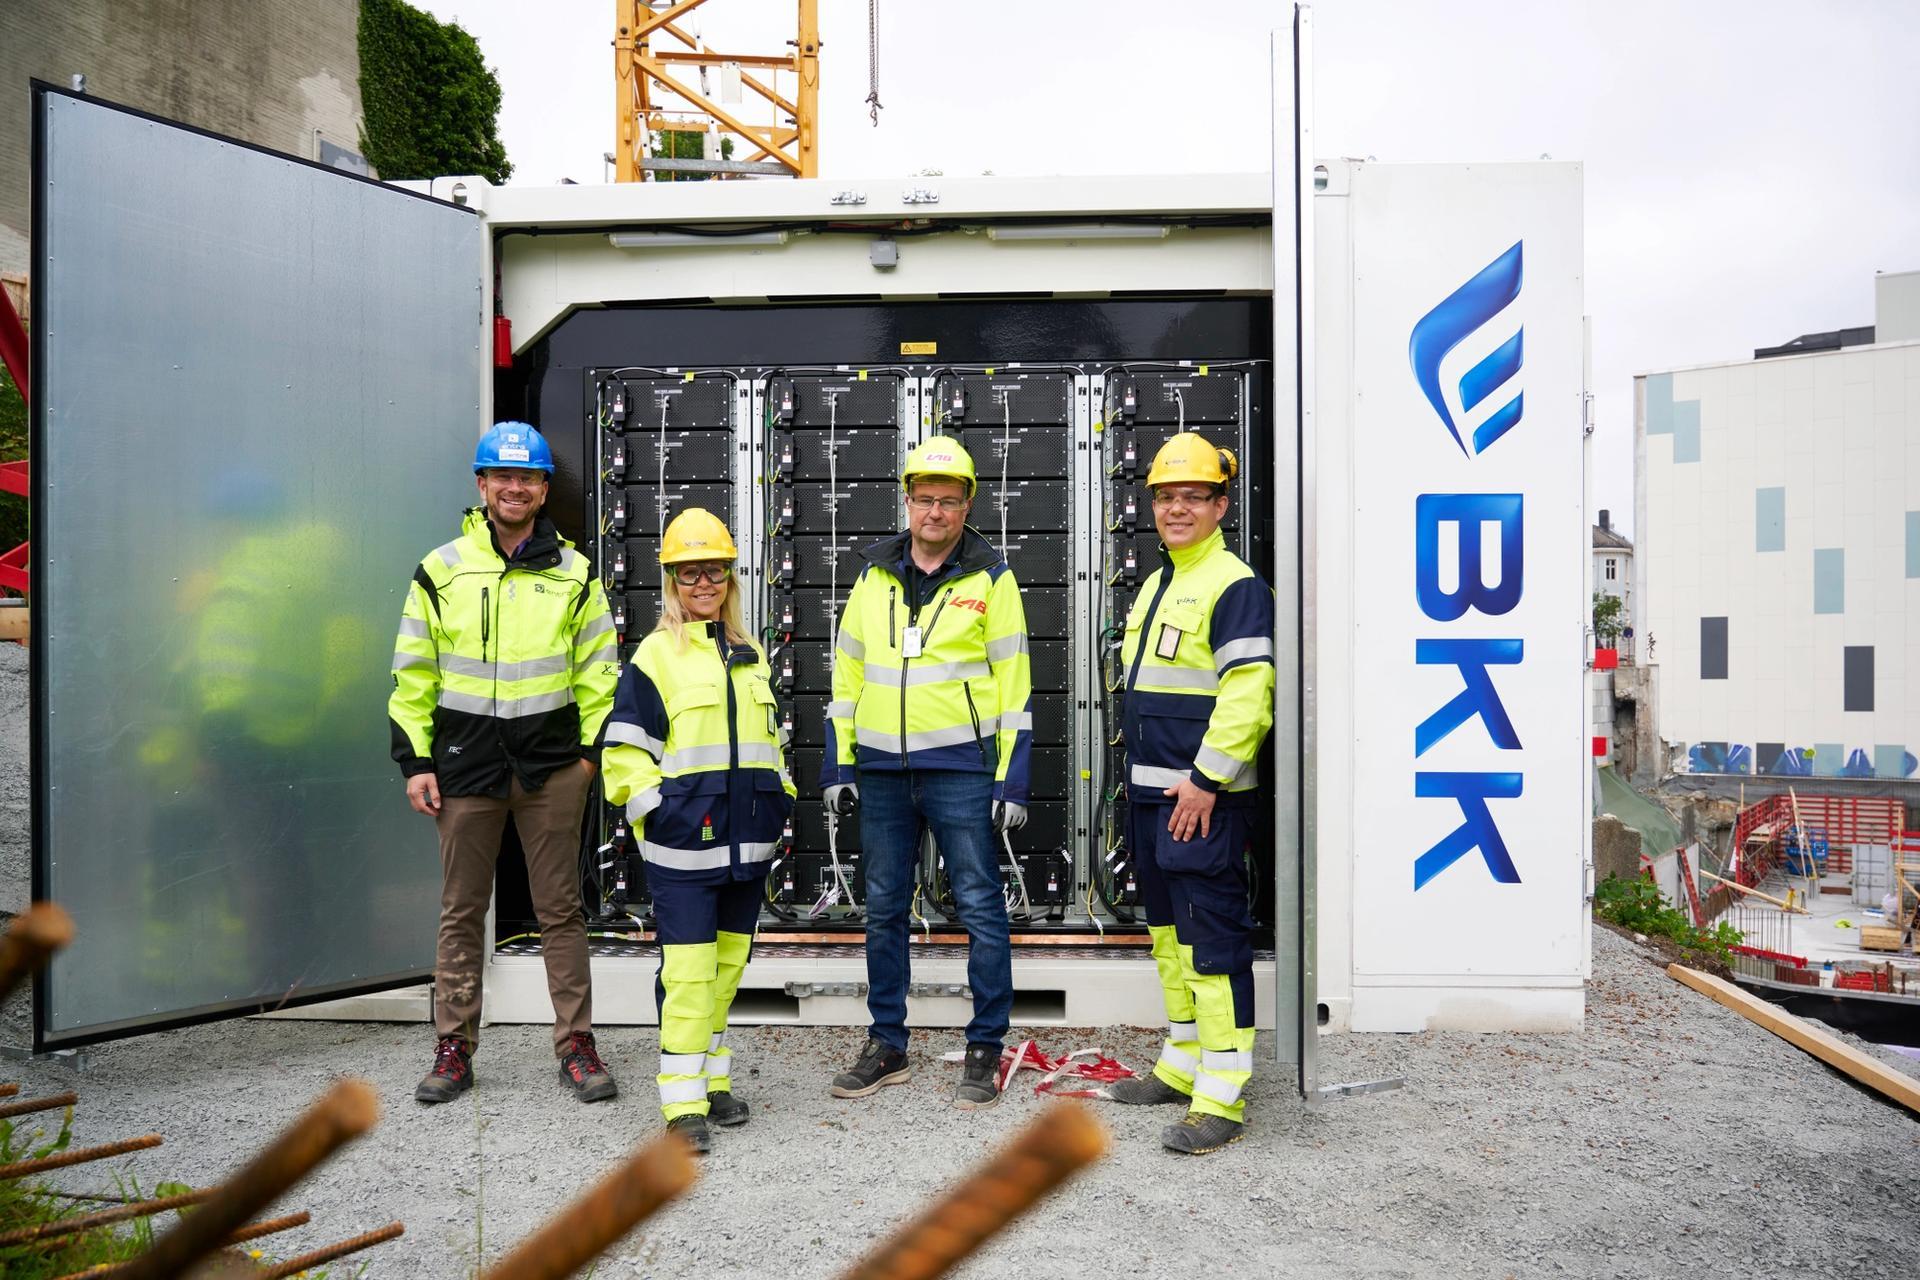 Dette 11 tonn tunge batteriet skal blant annet gi strøm til en tårnkran og byggtørking. F.v. Sturla Hjelmervik (Entra), Camilla Moster (BKK), Inge Andersen (LAB Entreprenør) og Kjetil Strand Solheim (BKK). Foto: Helge Hansen / BKK.